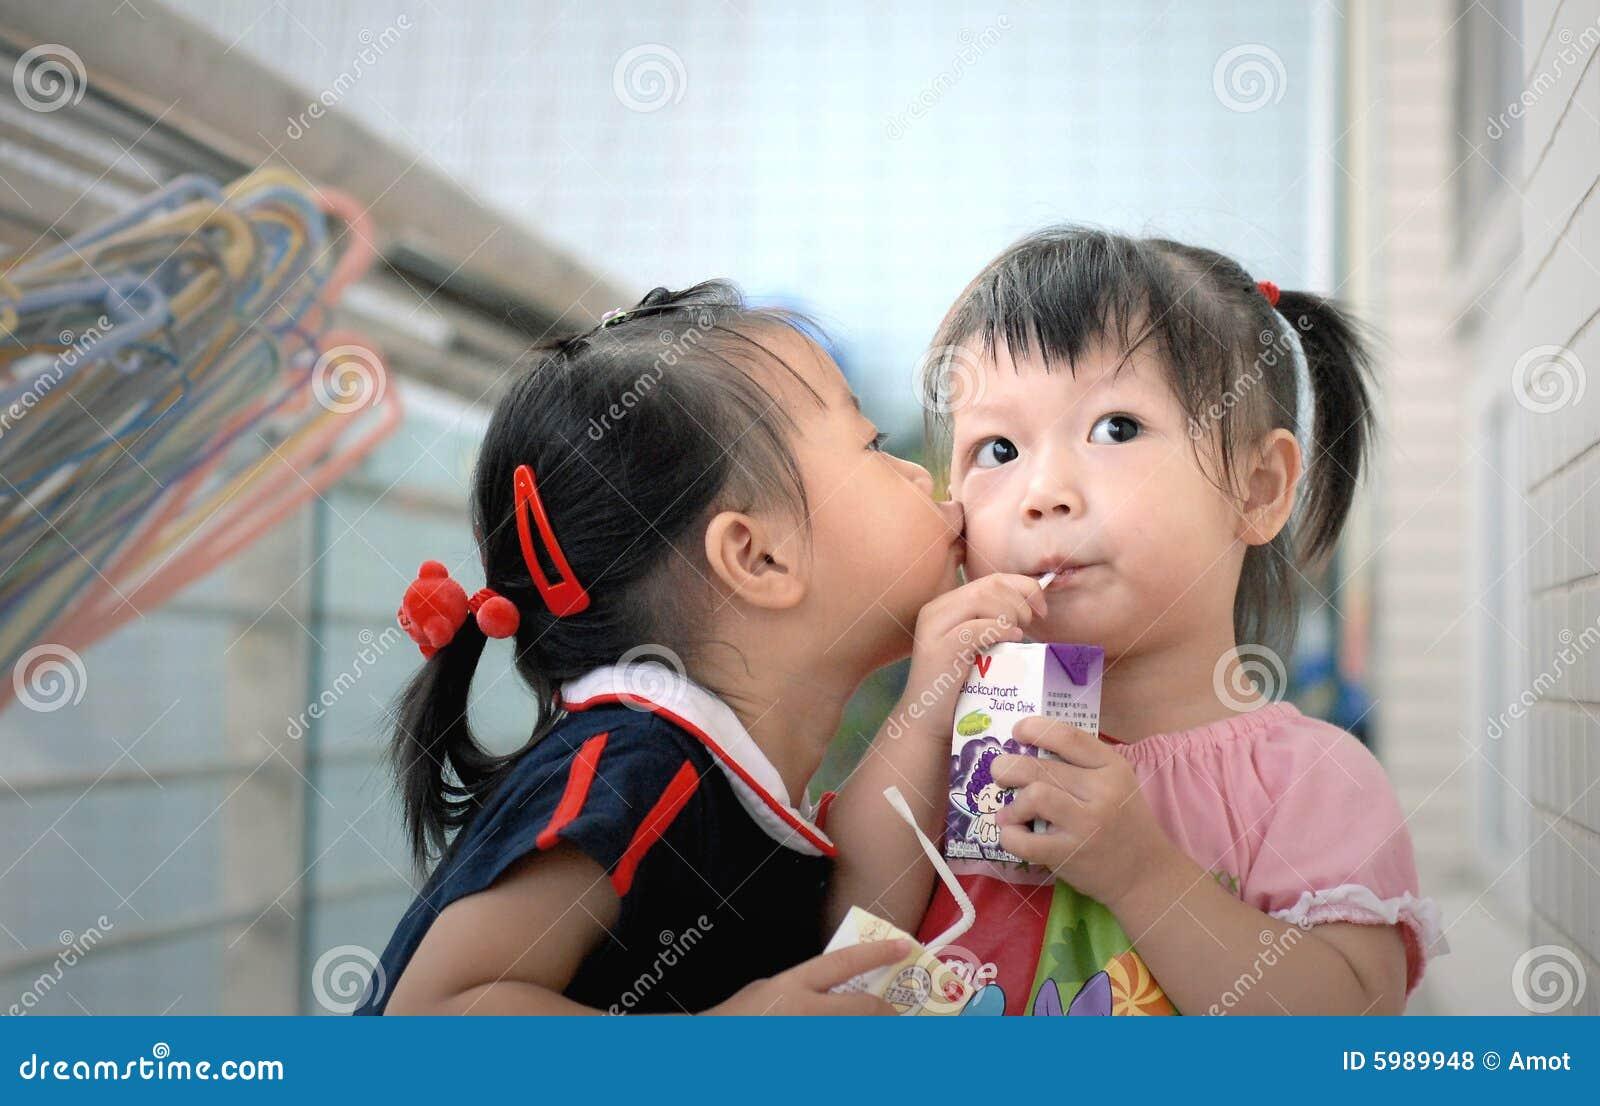 Beijo das crianças